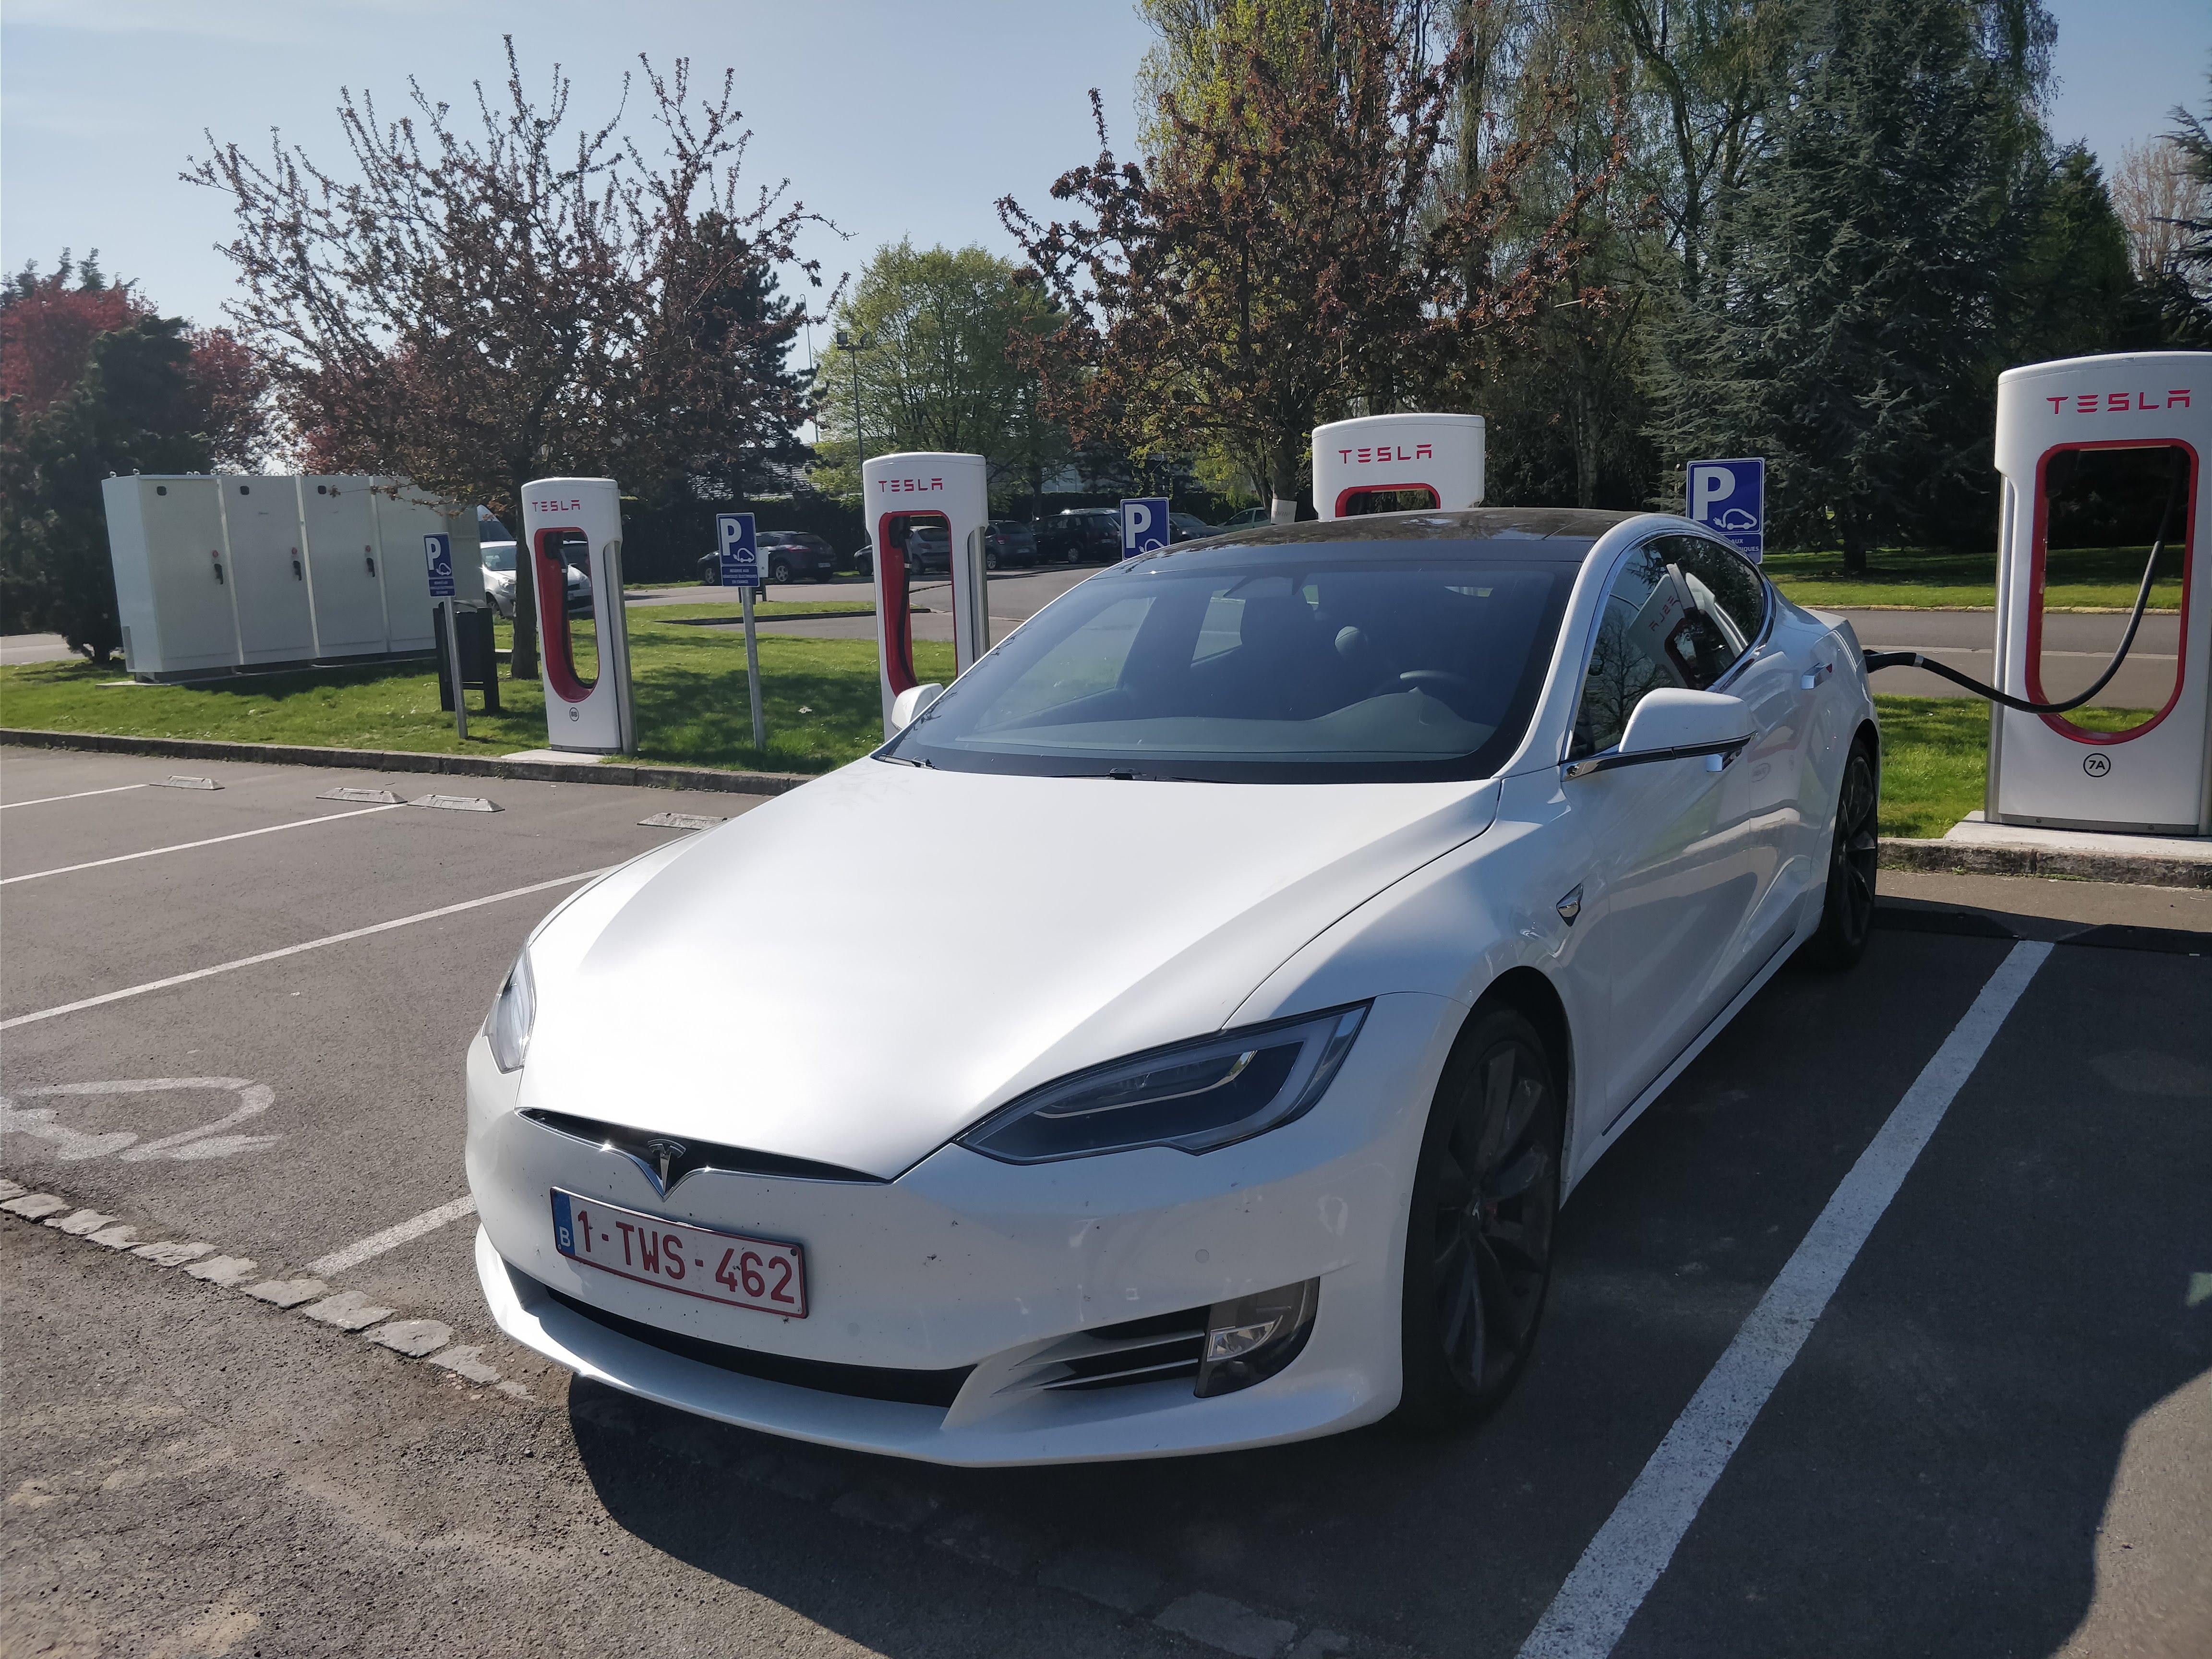 Tesla Model S P100D: 5 choses que nous aimons (beaucoup) et 3 qu'on aime moins.